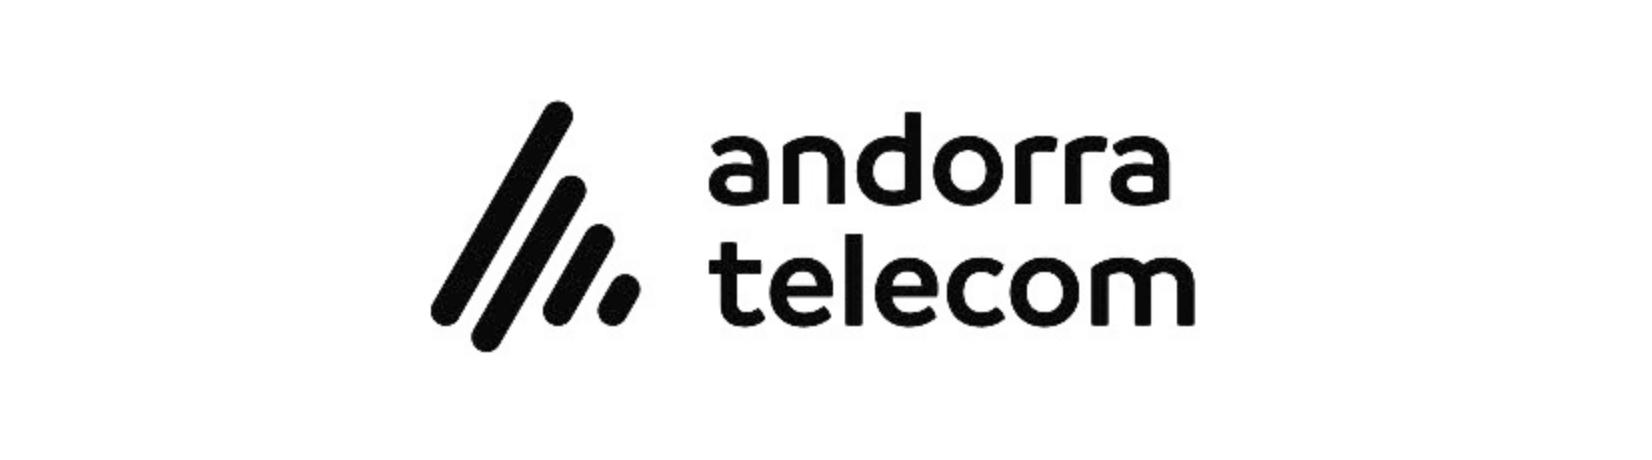 Andorra Telecom _ Guillem Recolons